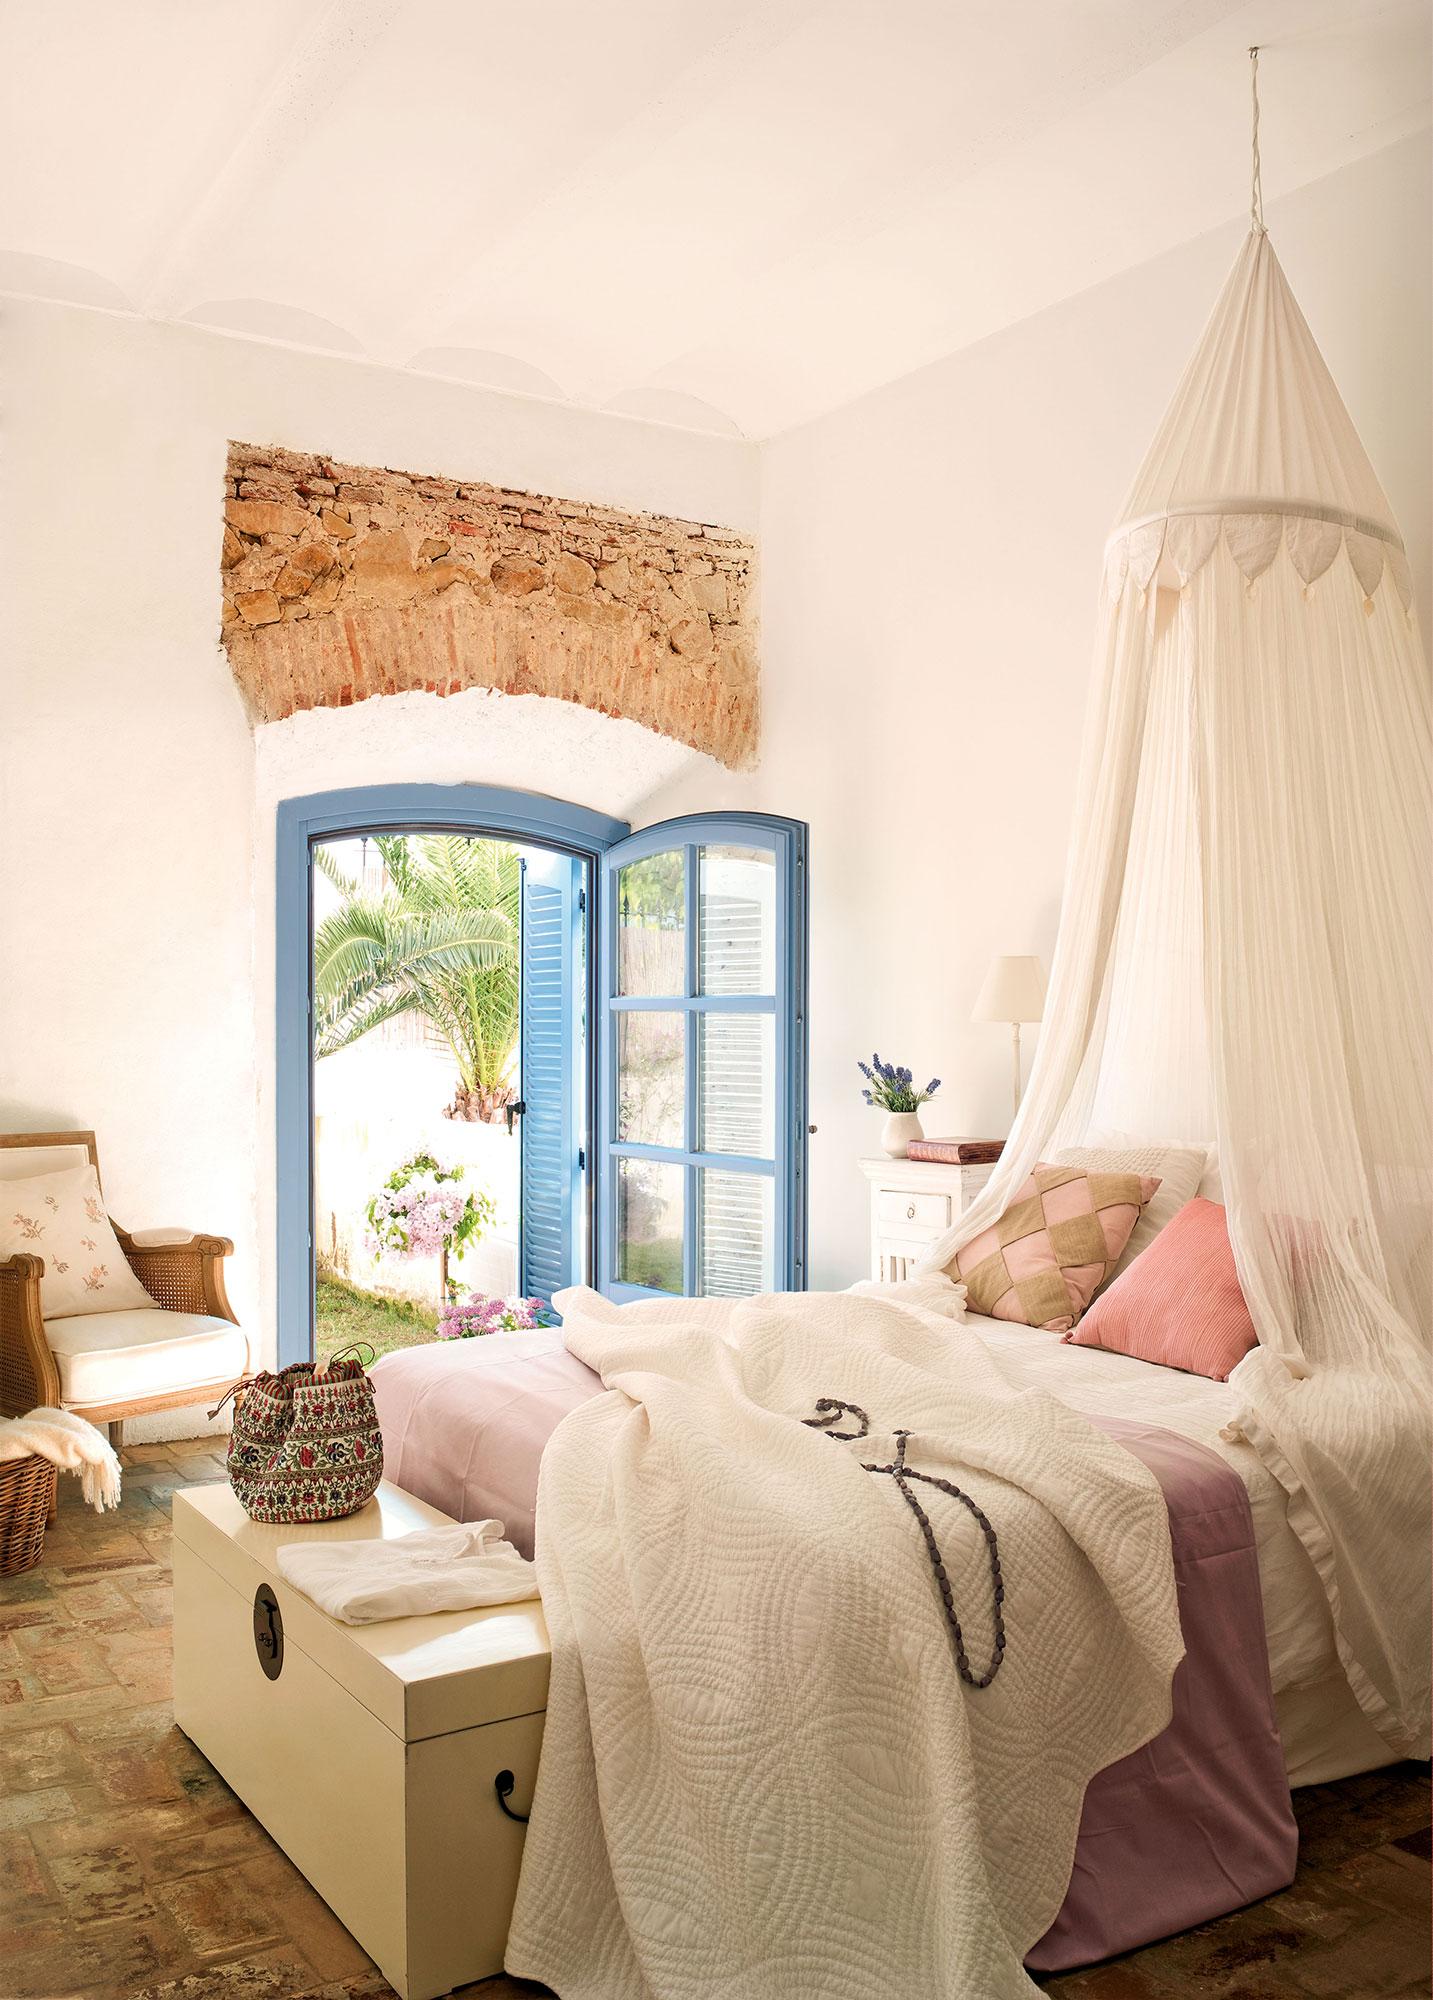 Dormitorios frescos viste tu habitaci n para el verano - Imagenes de dormitorios ...